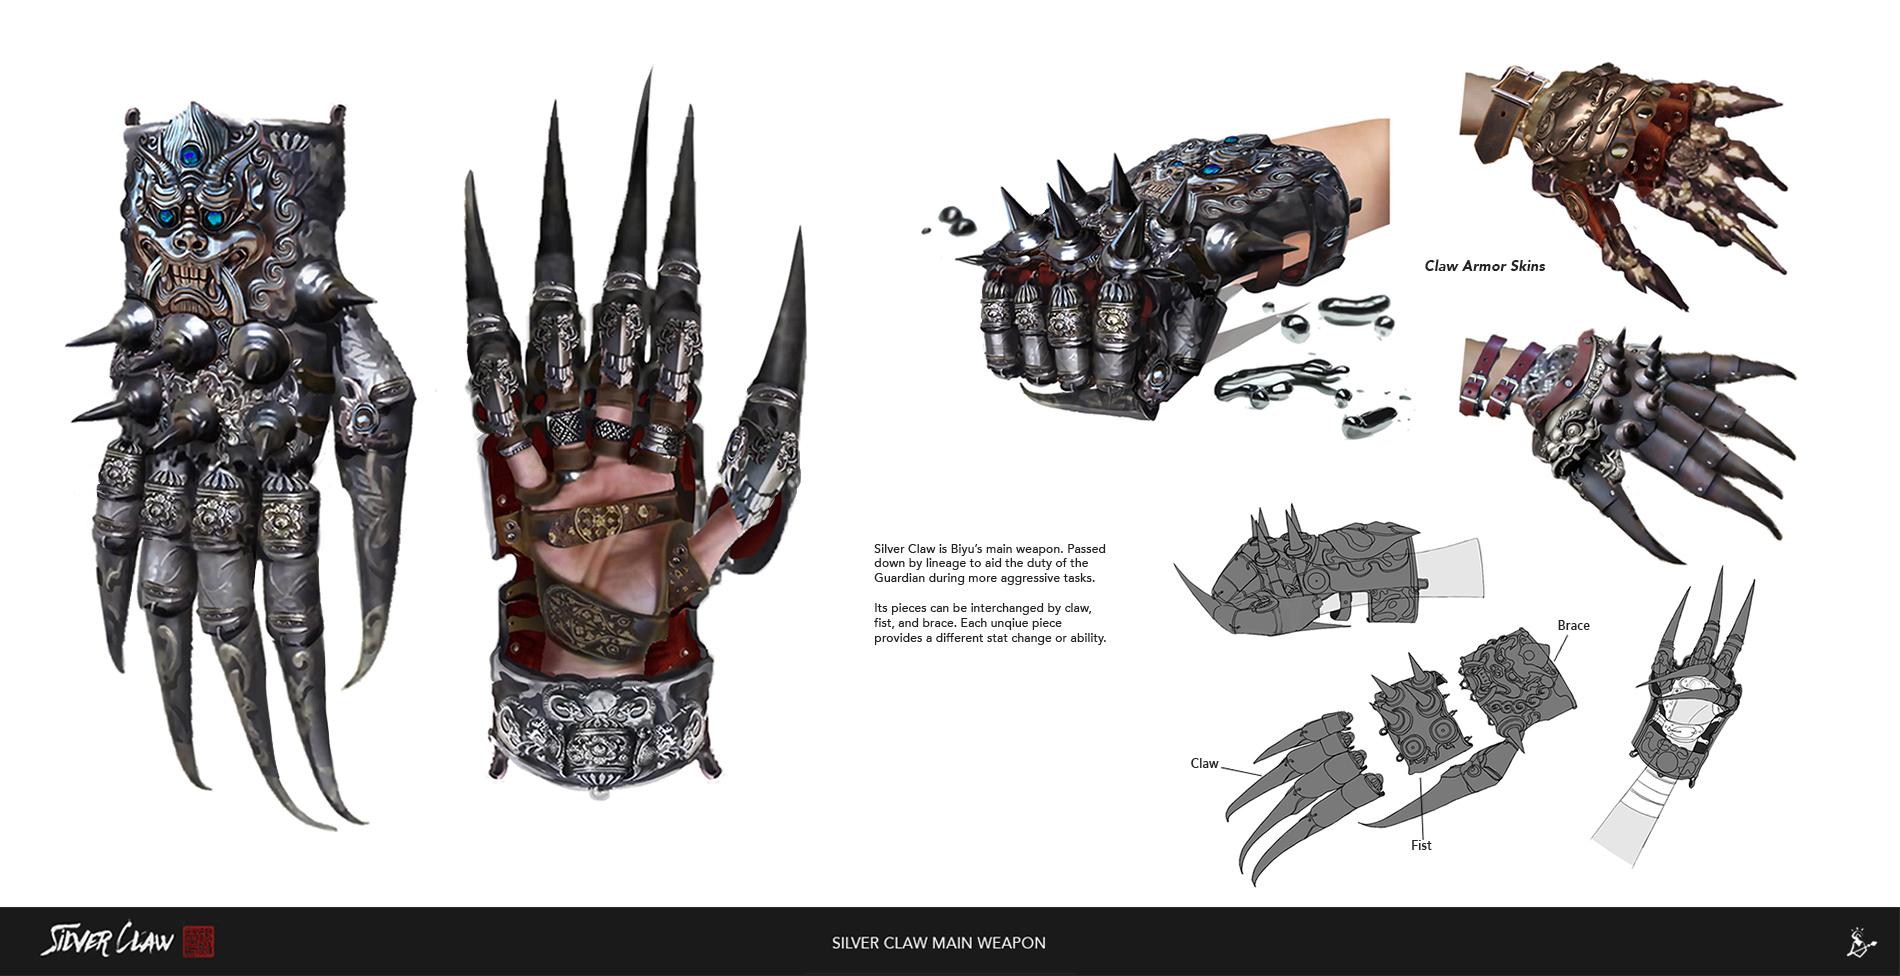 SC_Weapons.jpg